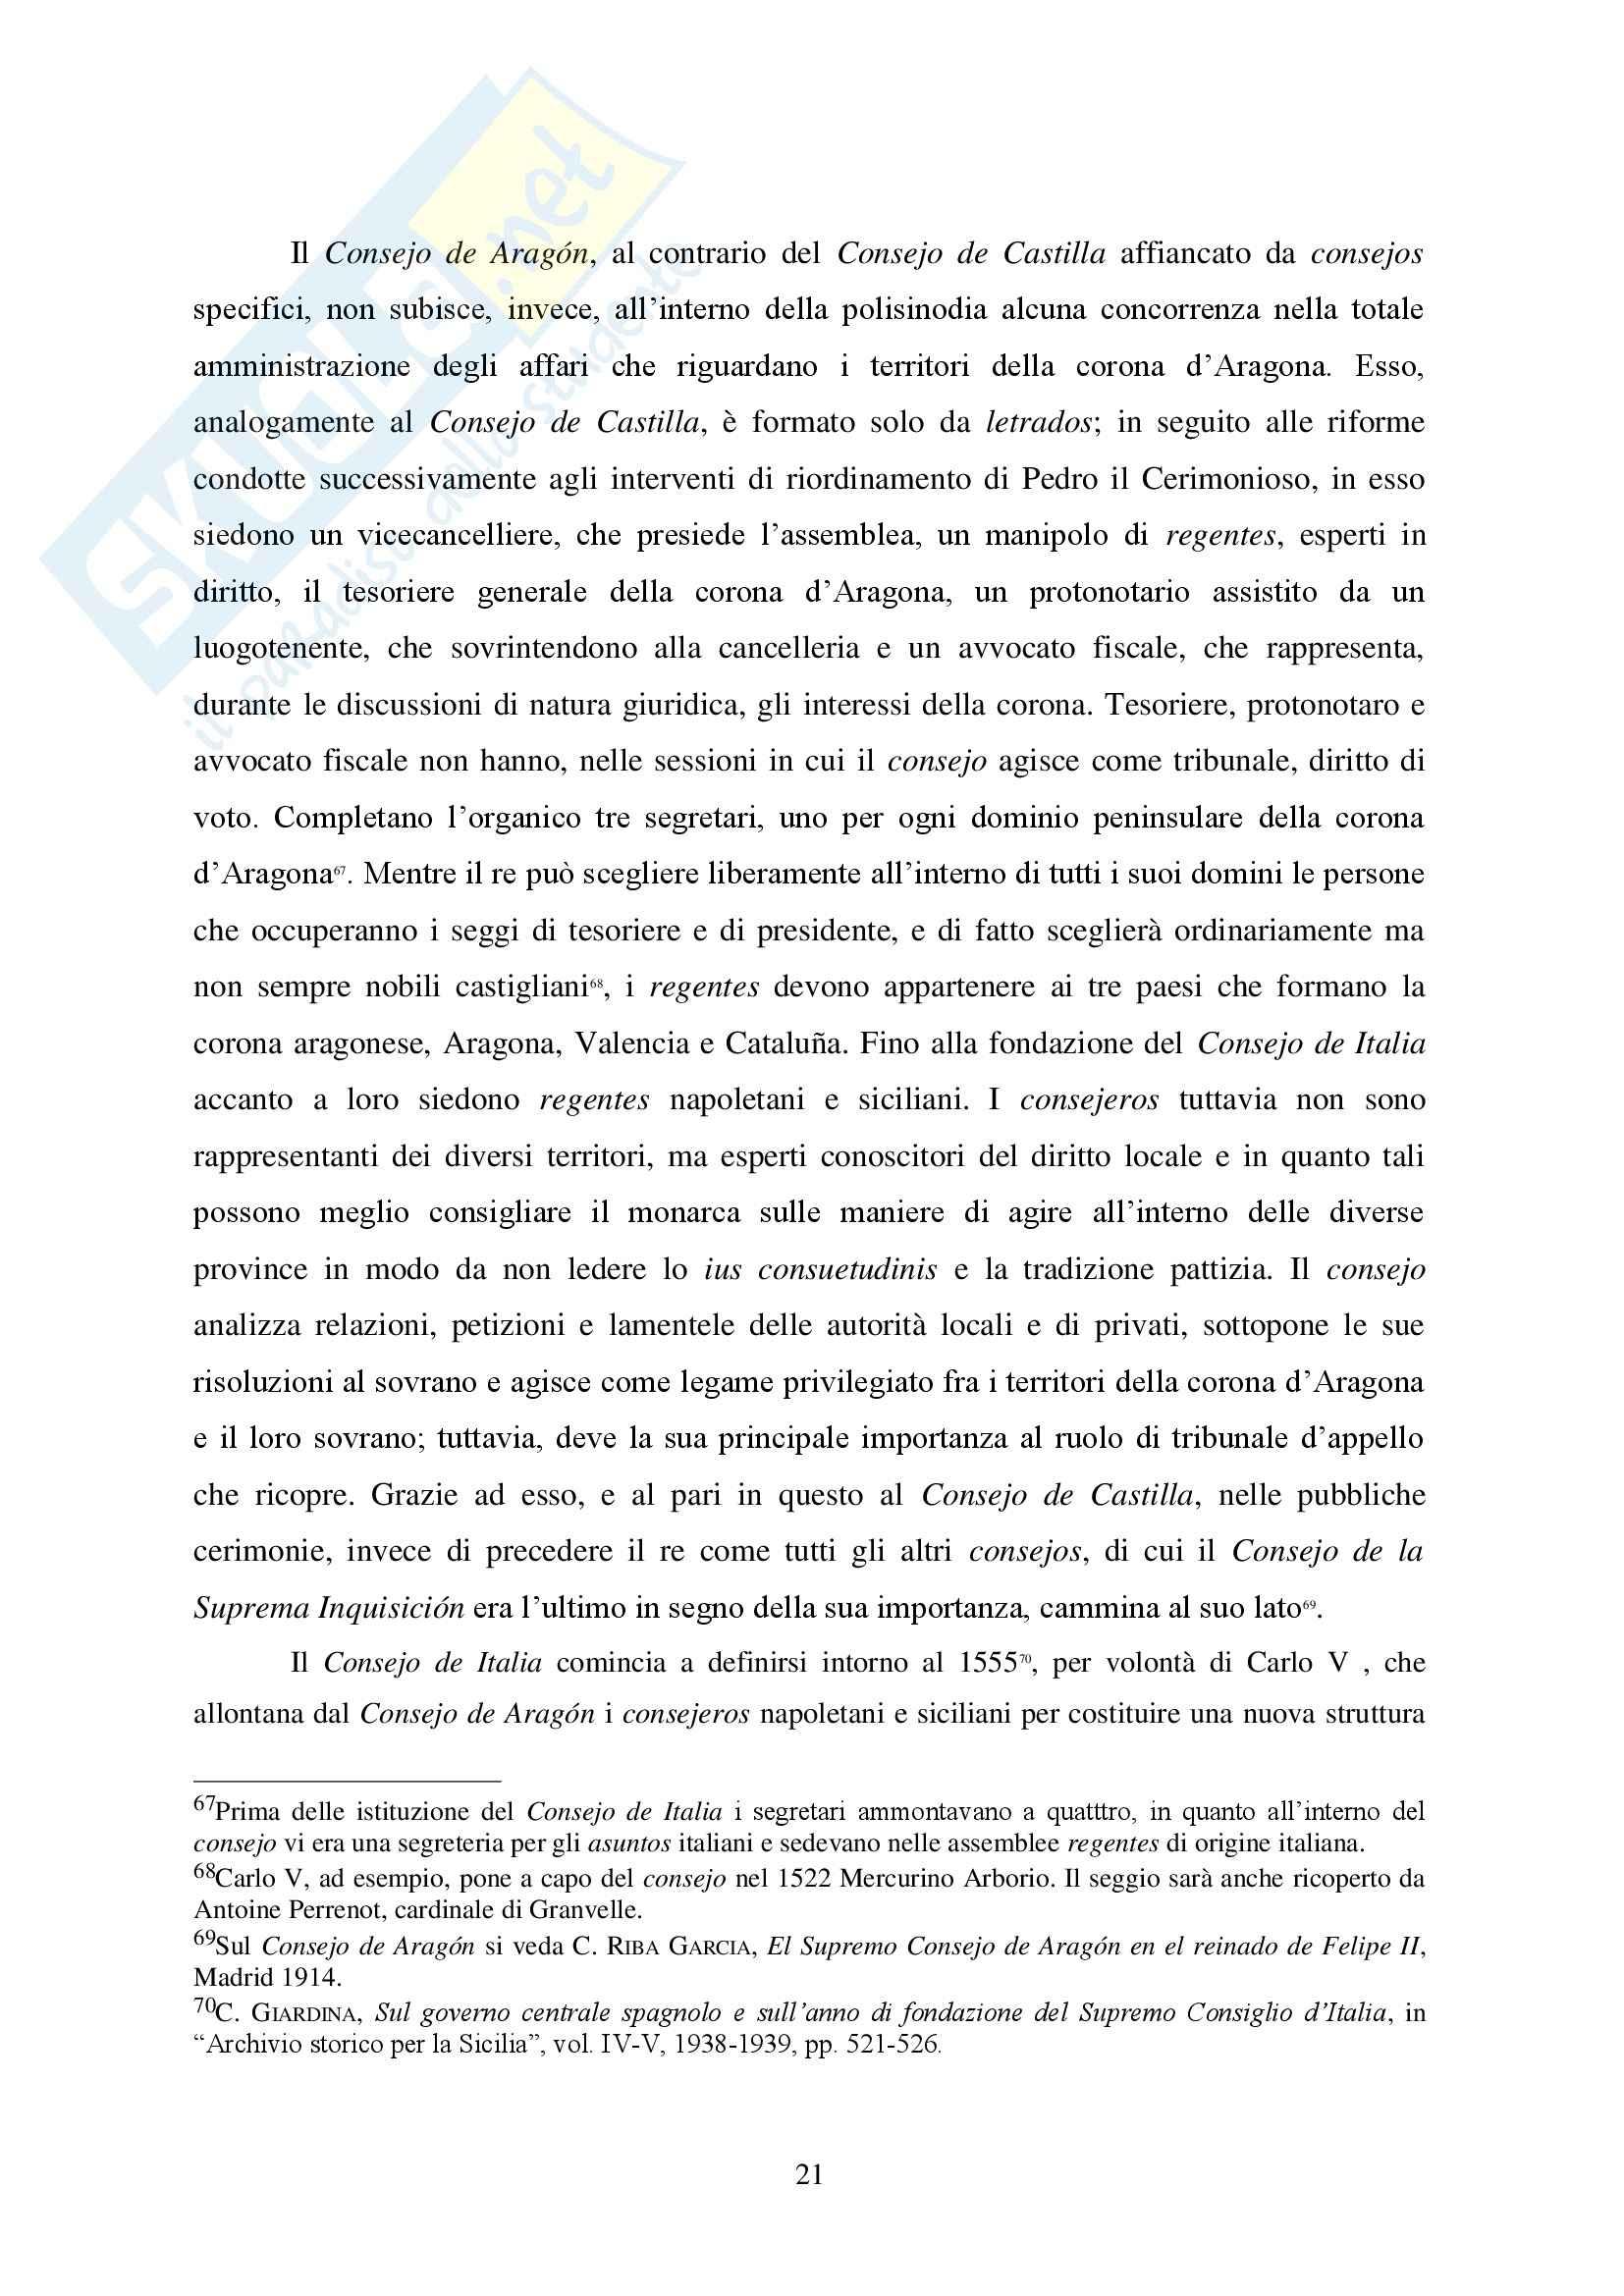 Storia delle Istituzioni politiche  e sociali - il trono di Napoli Pag. 21